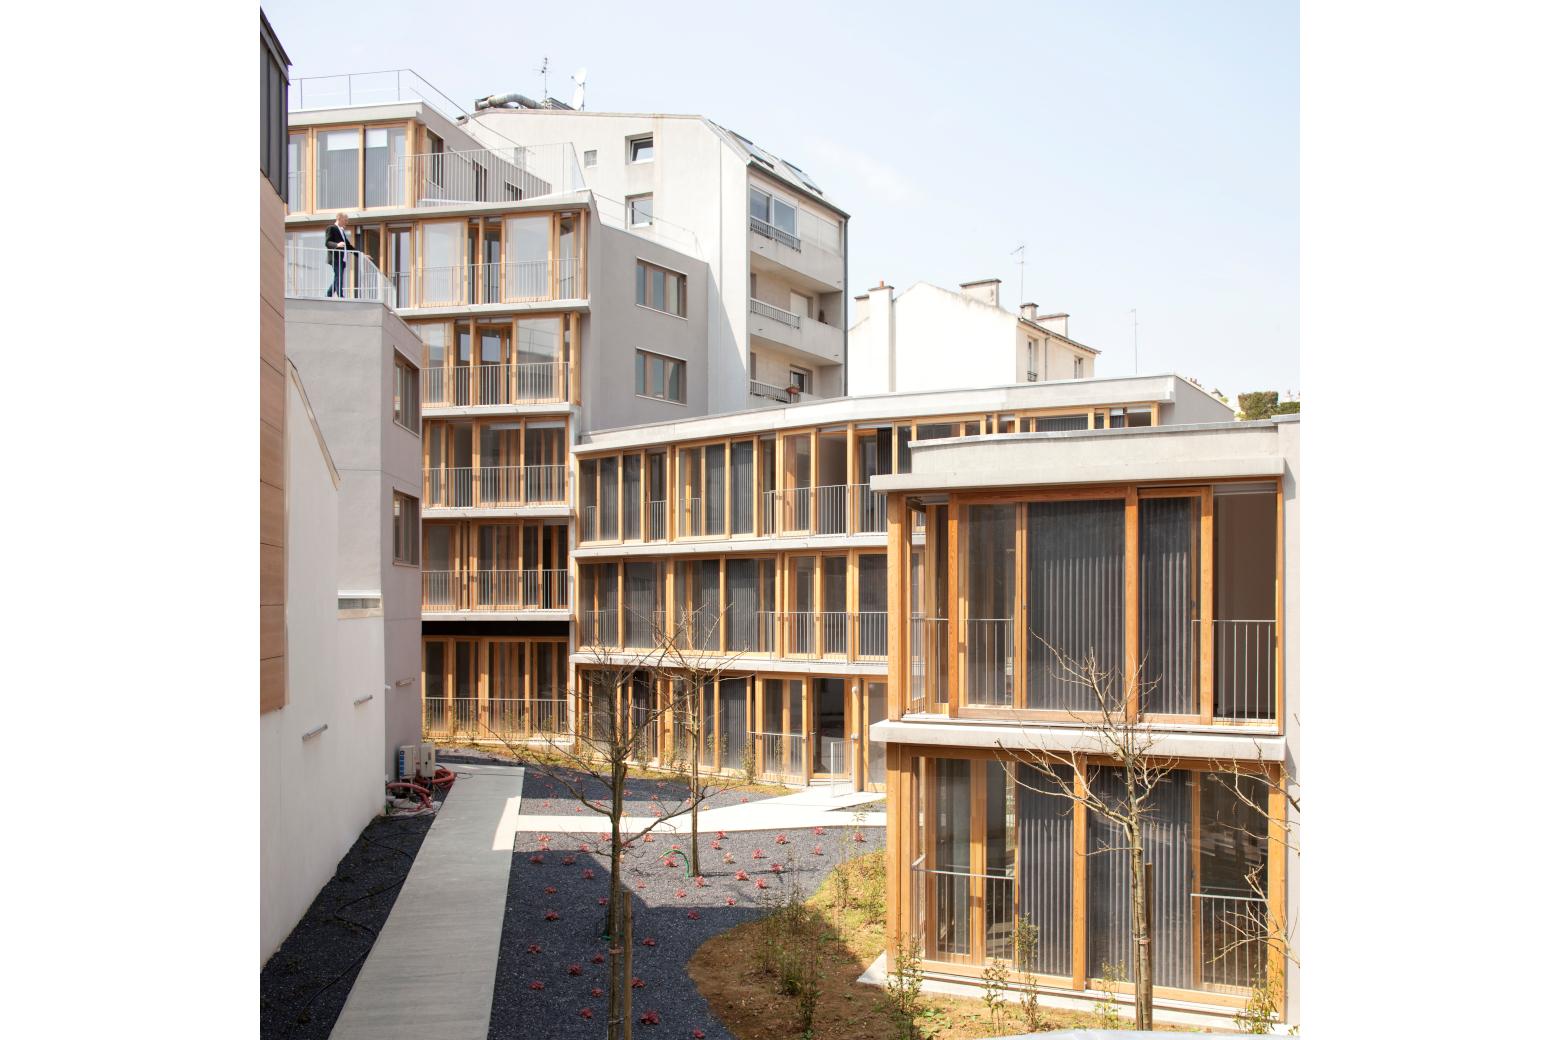 L'architecture du réel en France Armand Nouvet, Orteaux Paris © Clément Guillaume Perspektive